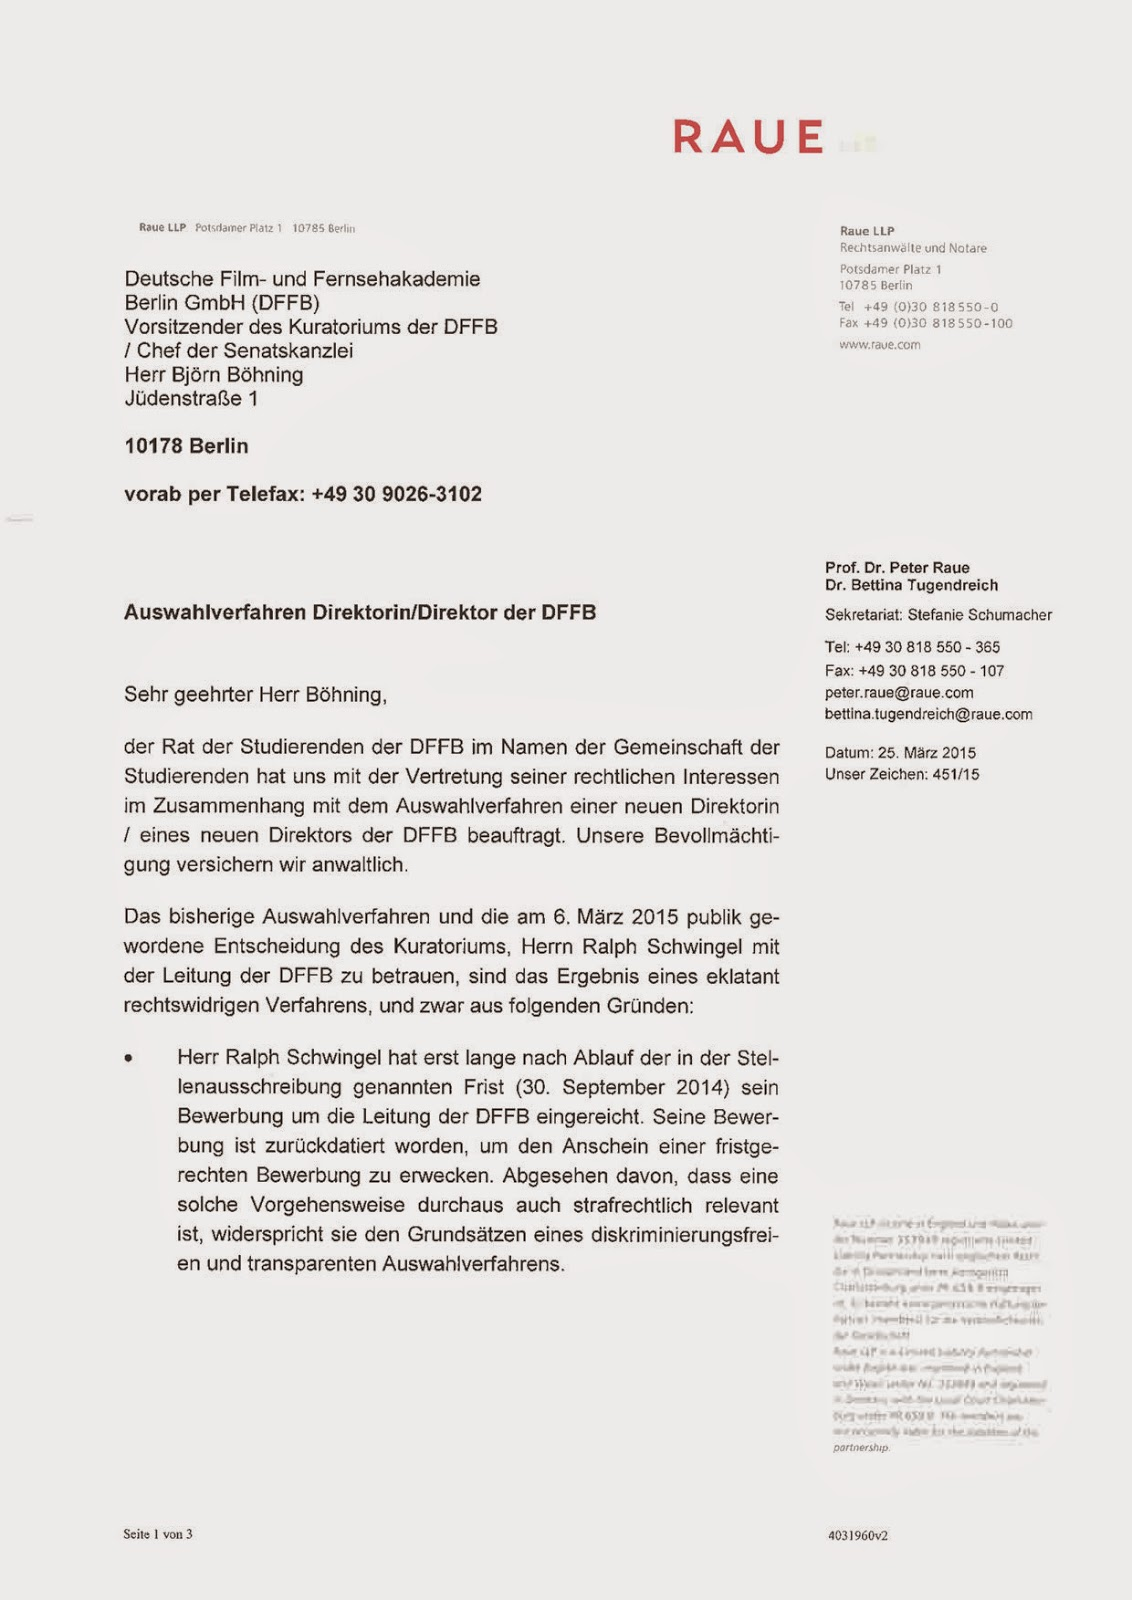 dffb JETZT!: Brief von Raue LLP an Björn Böhning (25.3.15)